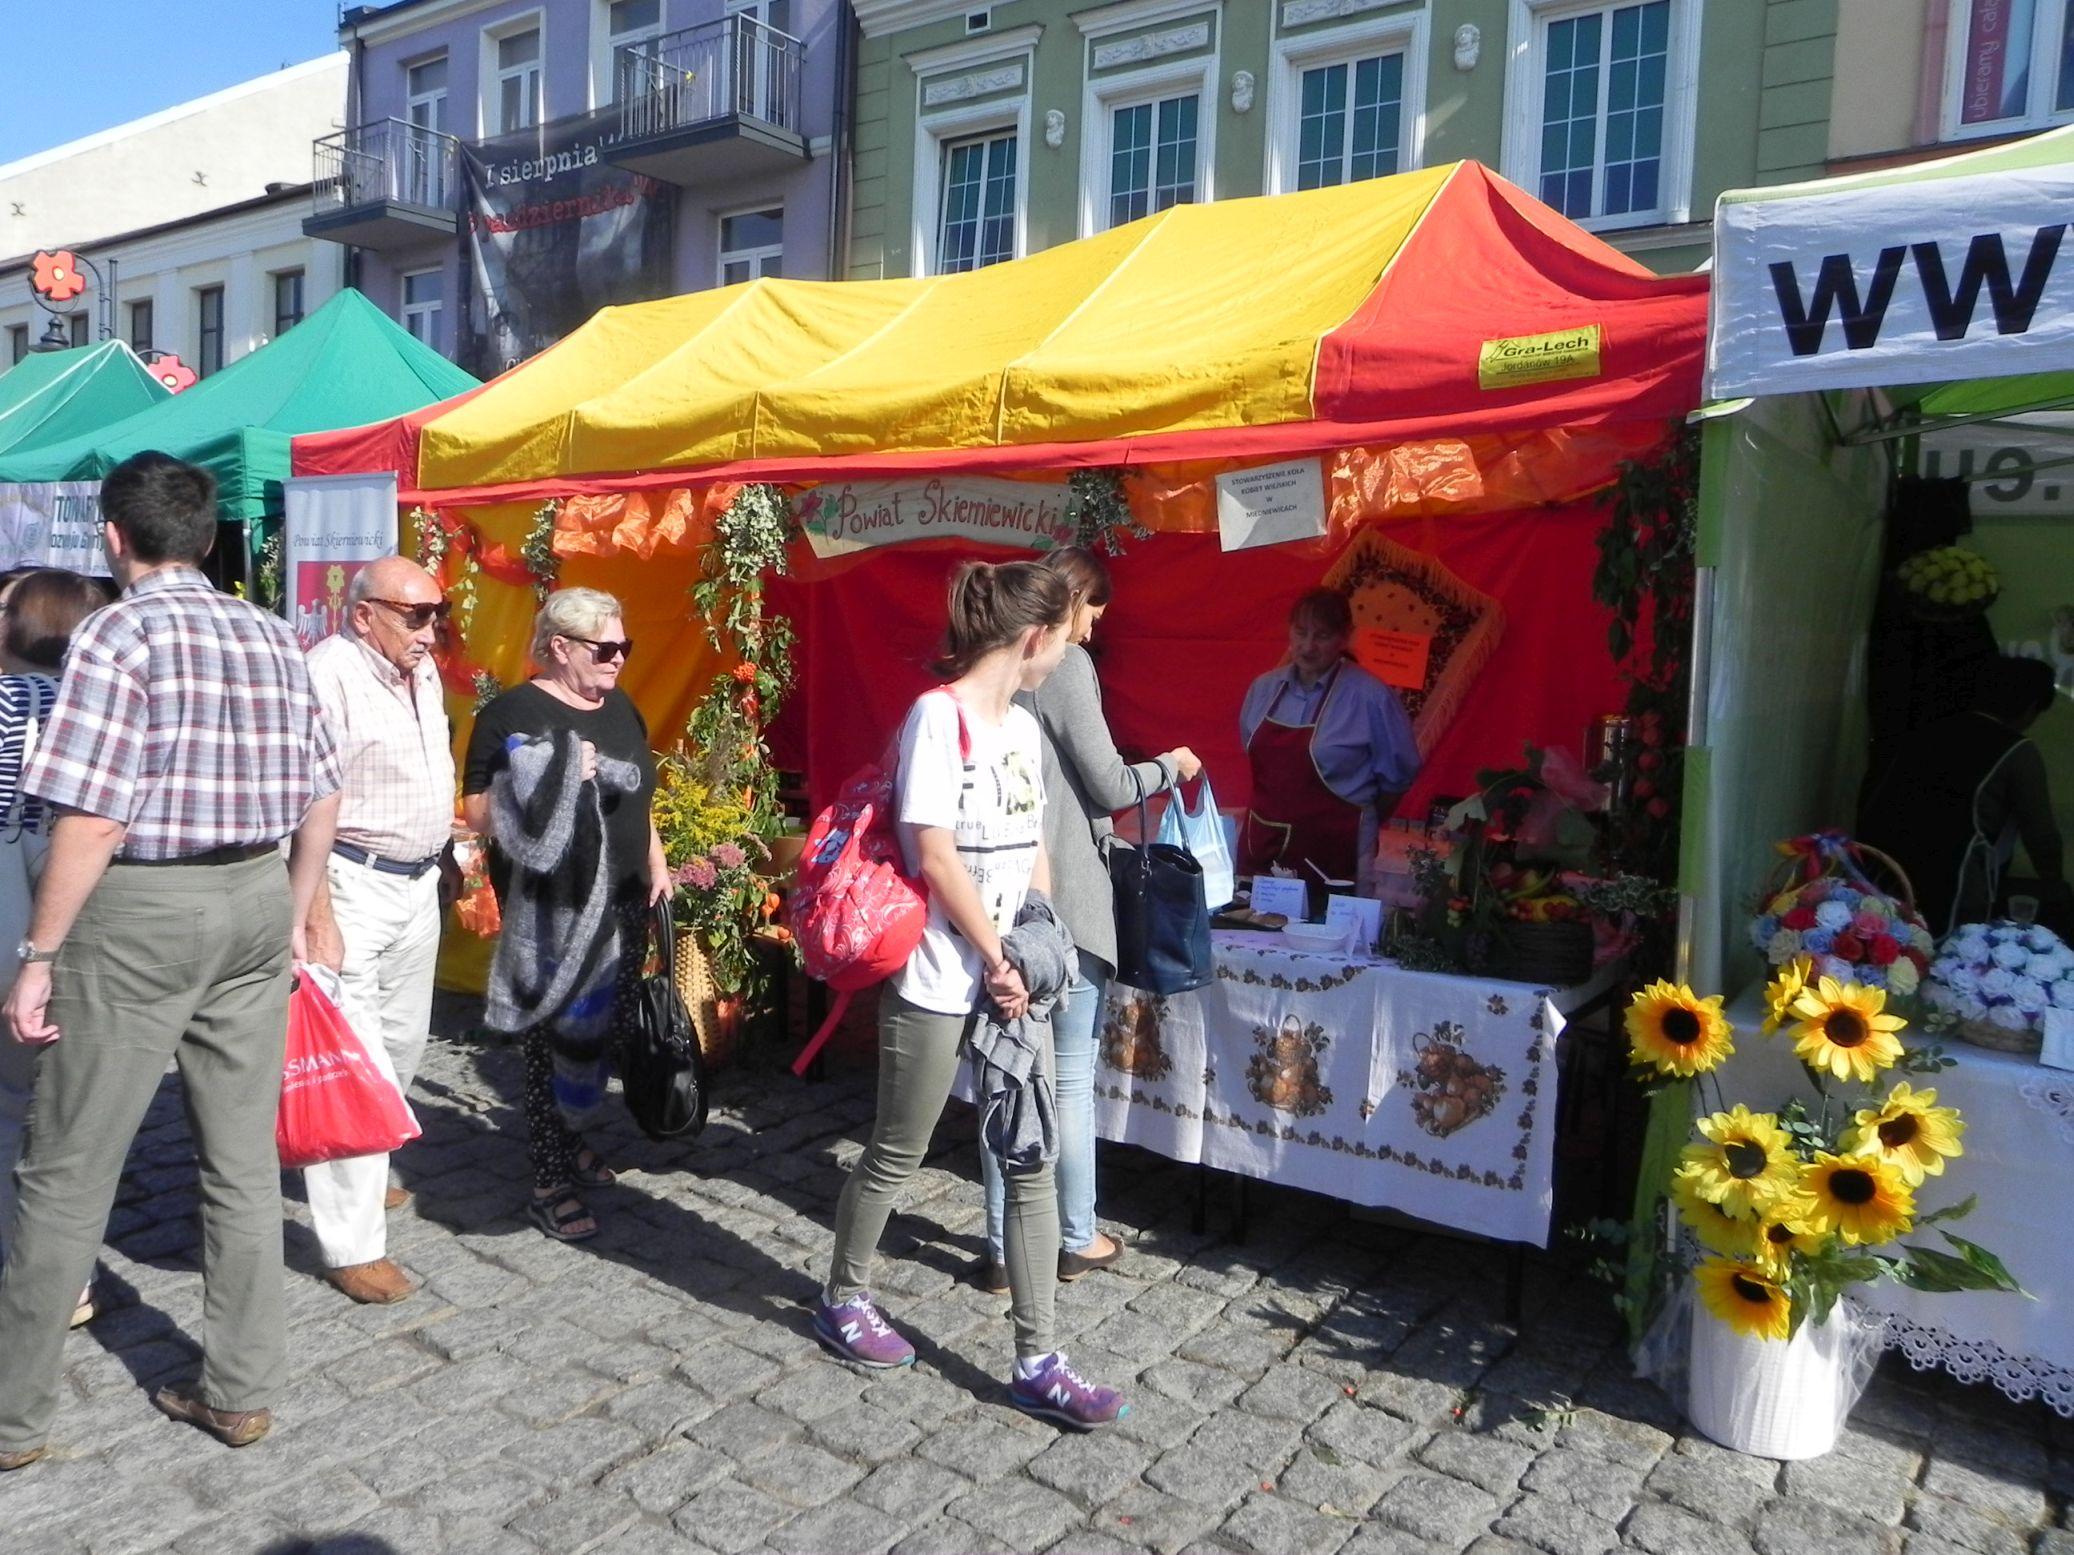 2015-09-20 Skierniewice - święto kwiatów (7)